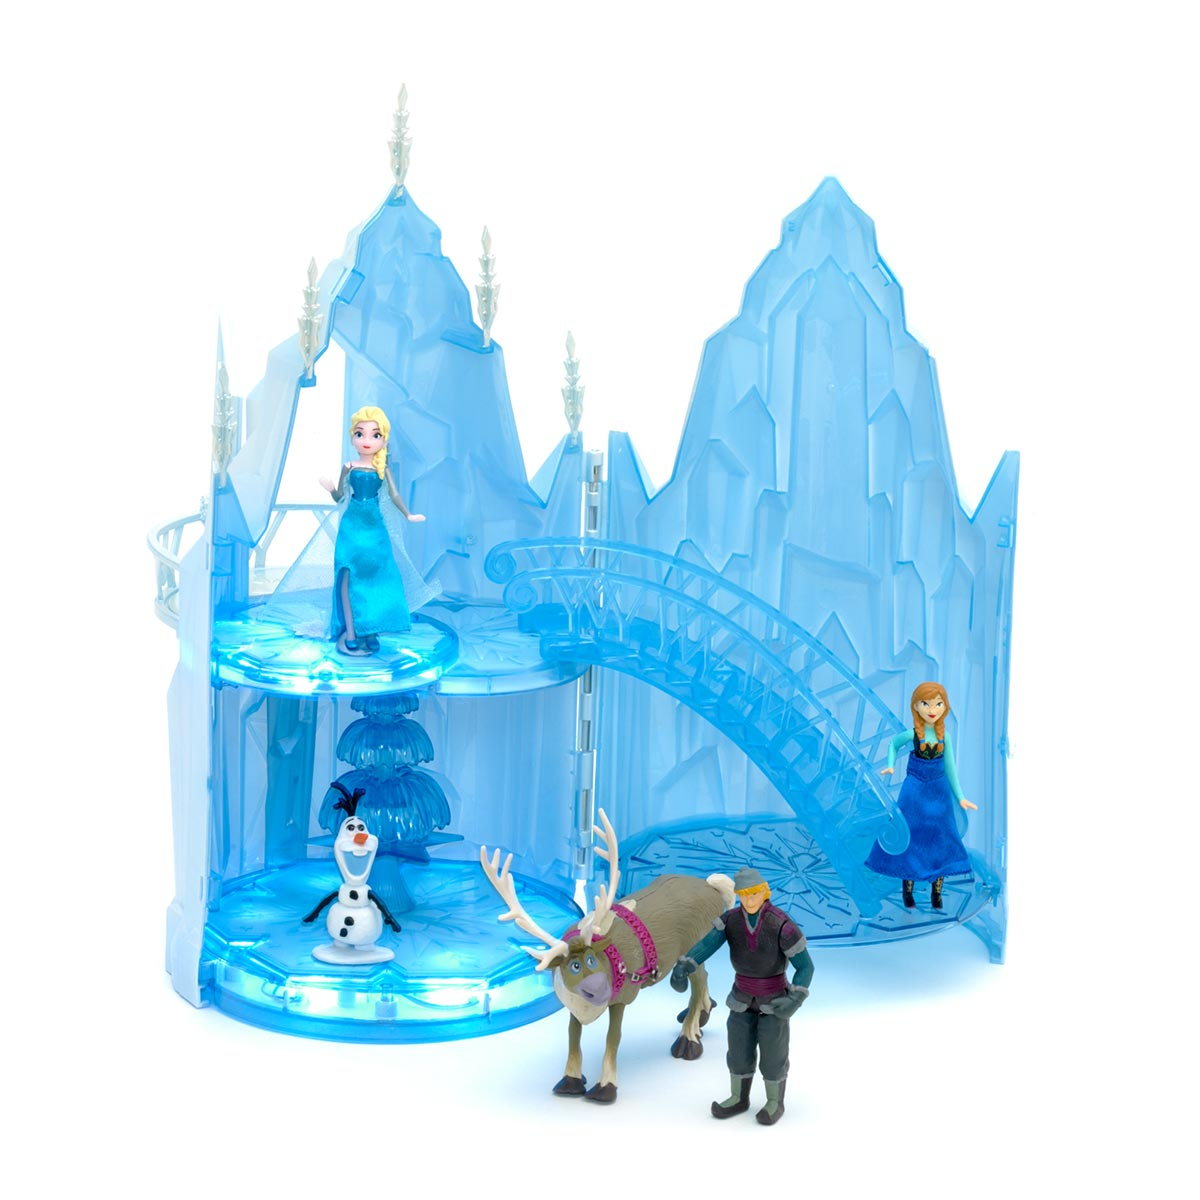 Les nouveaut s princesses disney - Chateau elsa reine des neiges ...